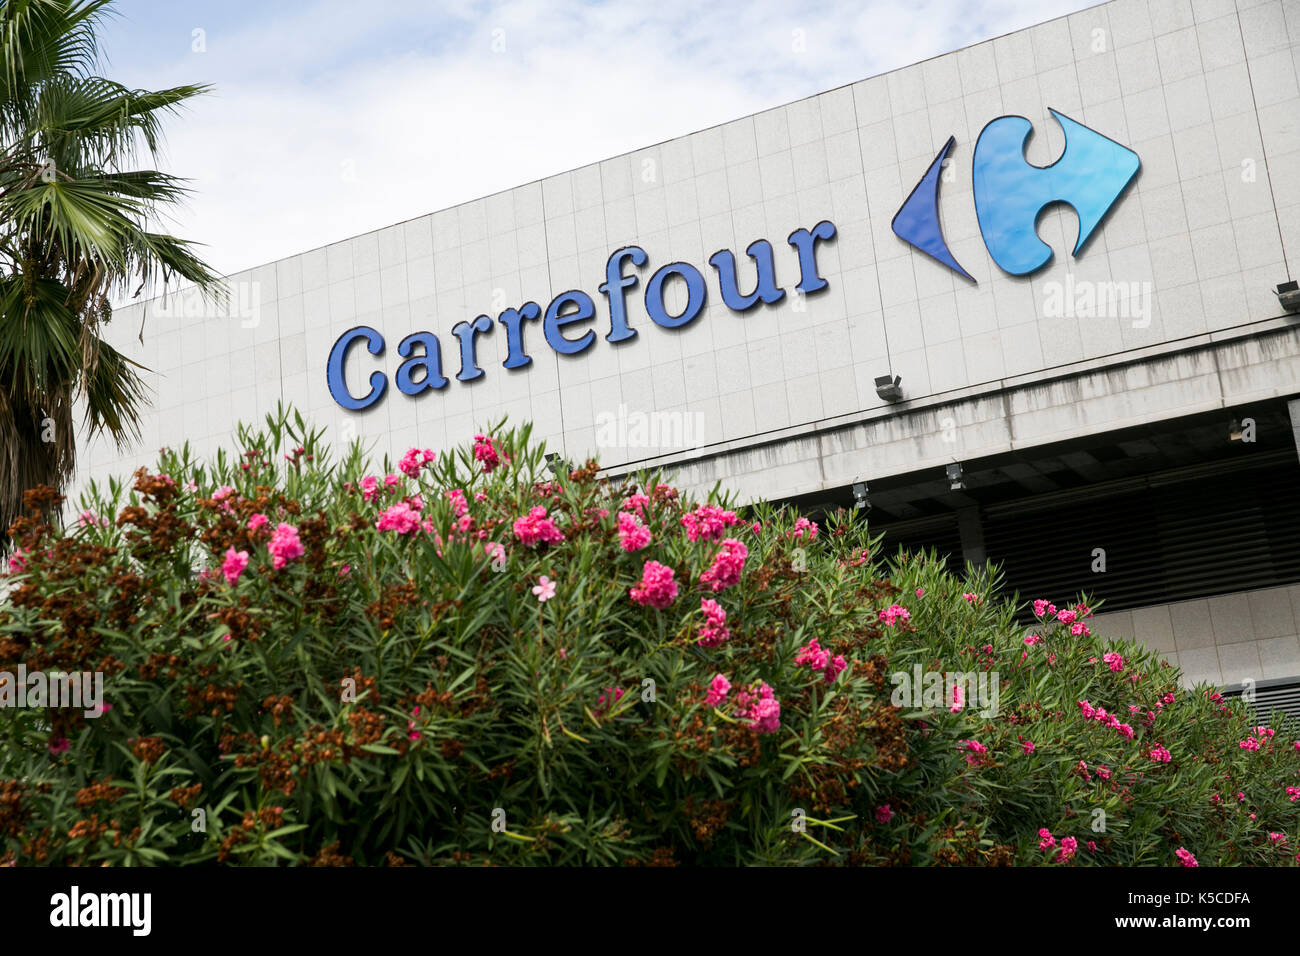 https www alamyimages fr un logo affiche a l exterieur d un magasin carrefour a barcelone espagne le 30 aout 2017 image158240638 html